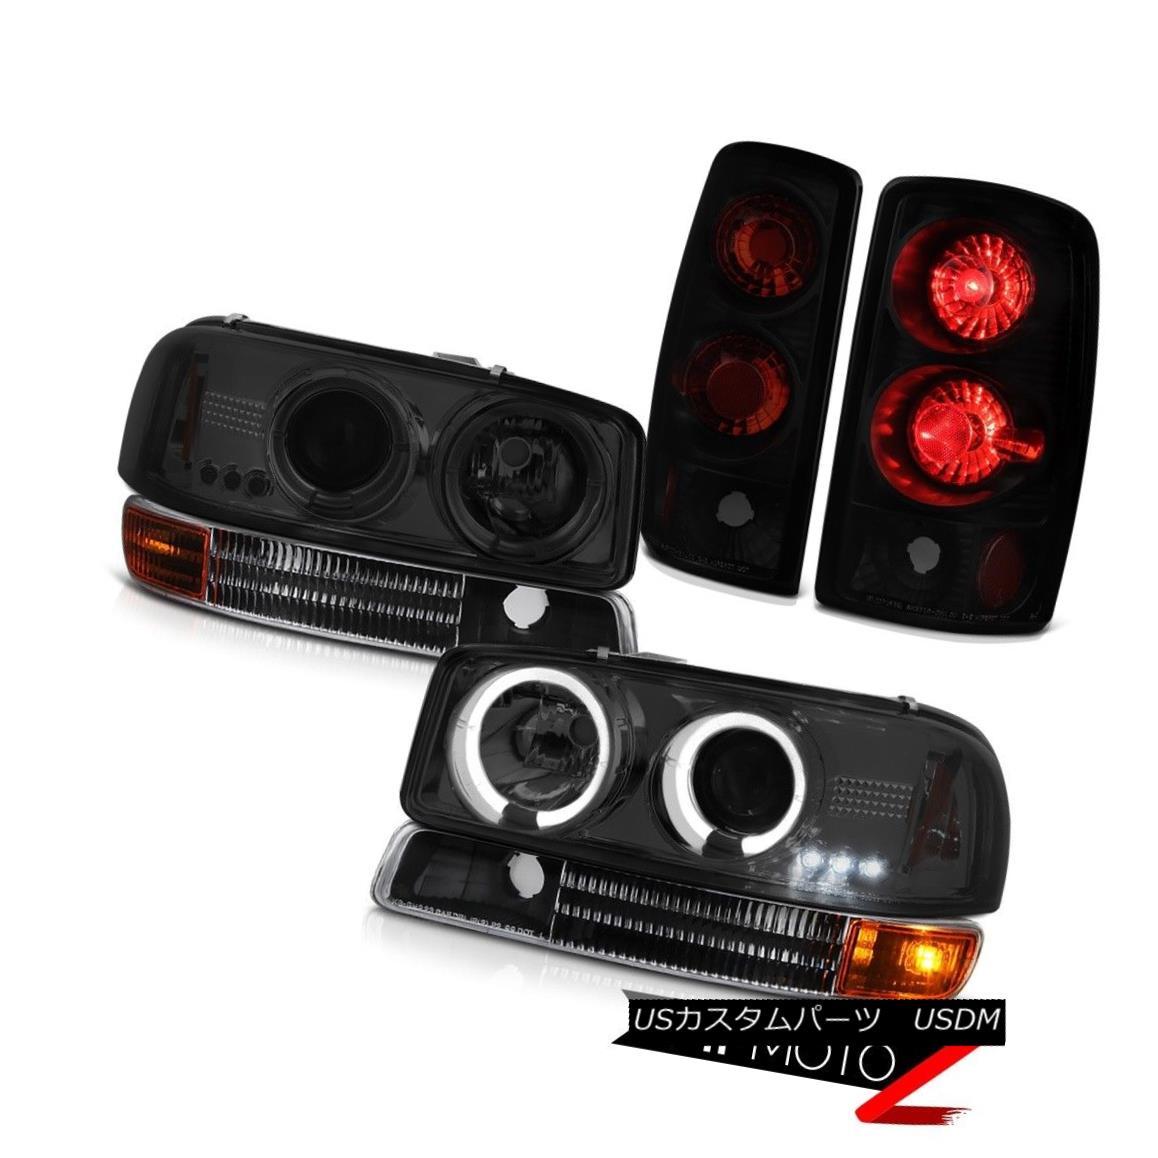 テールライト Parking Rear Brake Signal Tail Lights 2000-2006 Yukon Tinted LED Halo Headlights パーキングリアブレーキ信号テールライト2000-2006ユーコンティンテッドLEDハローヘッドライト